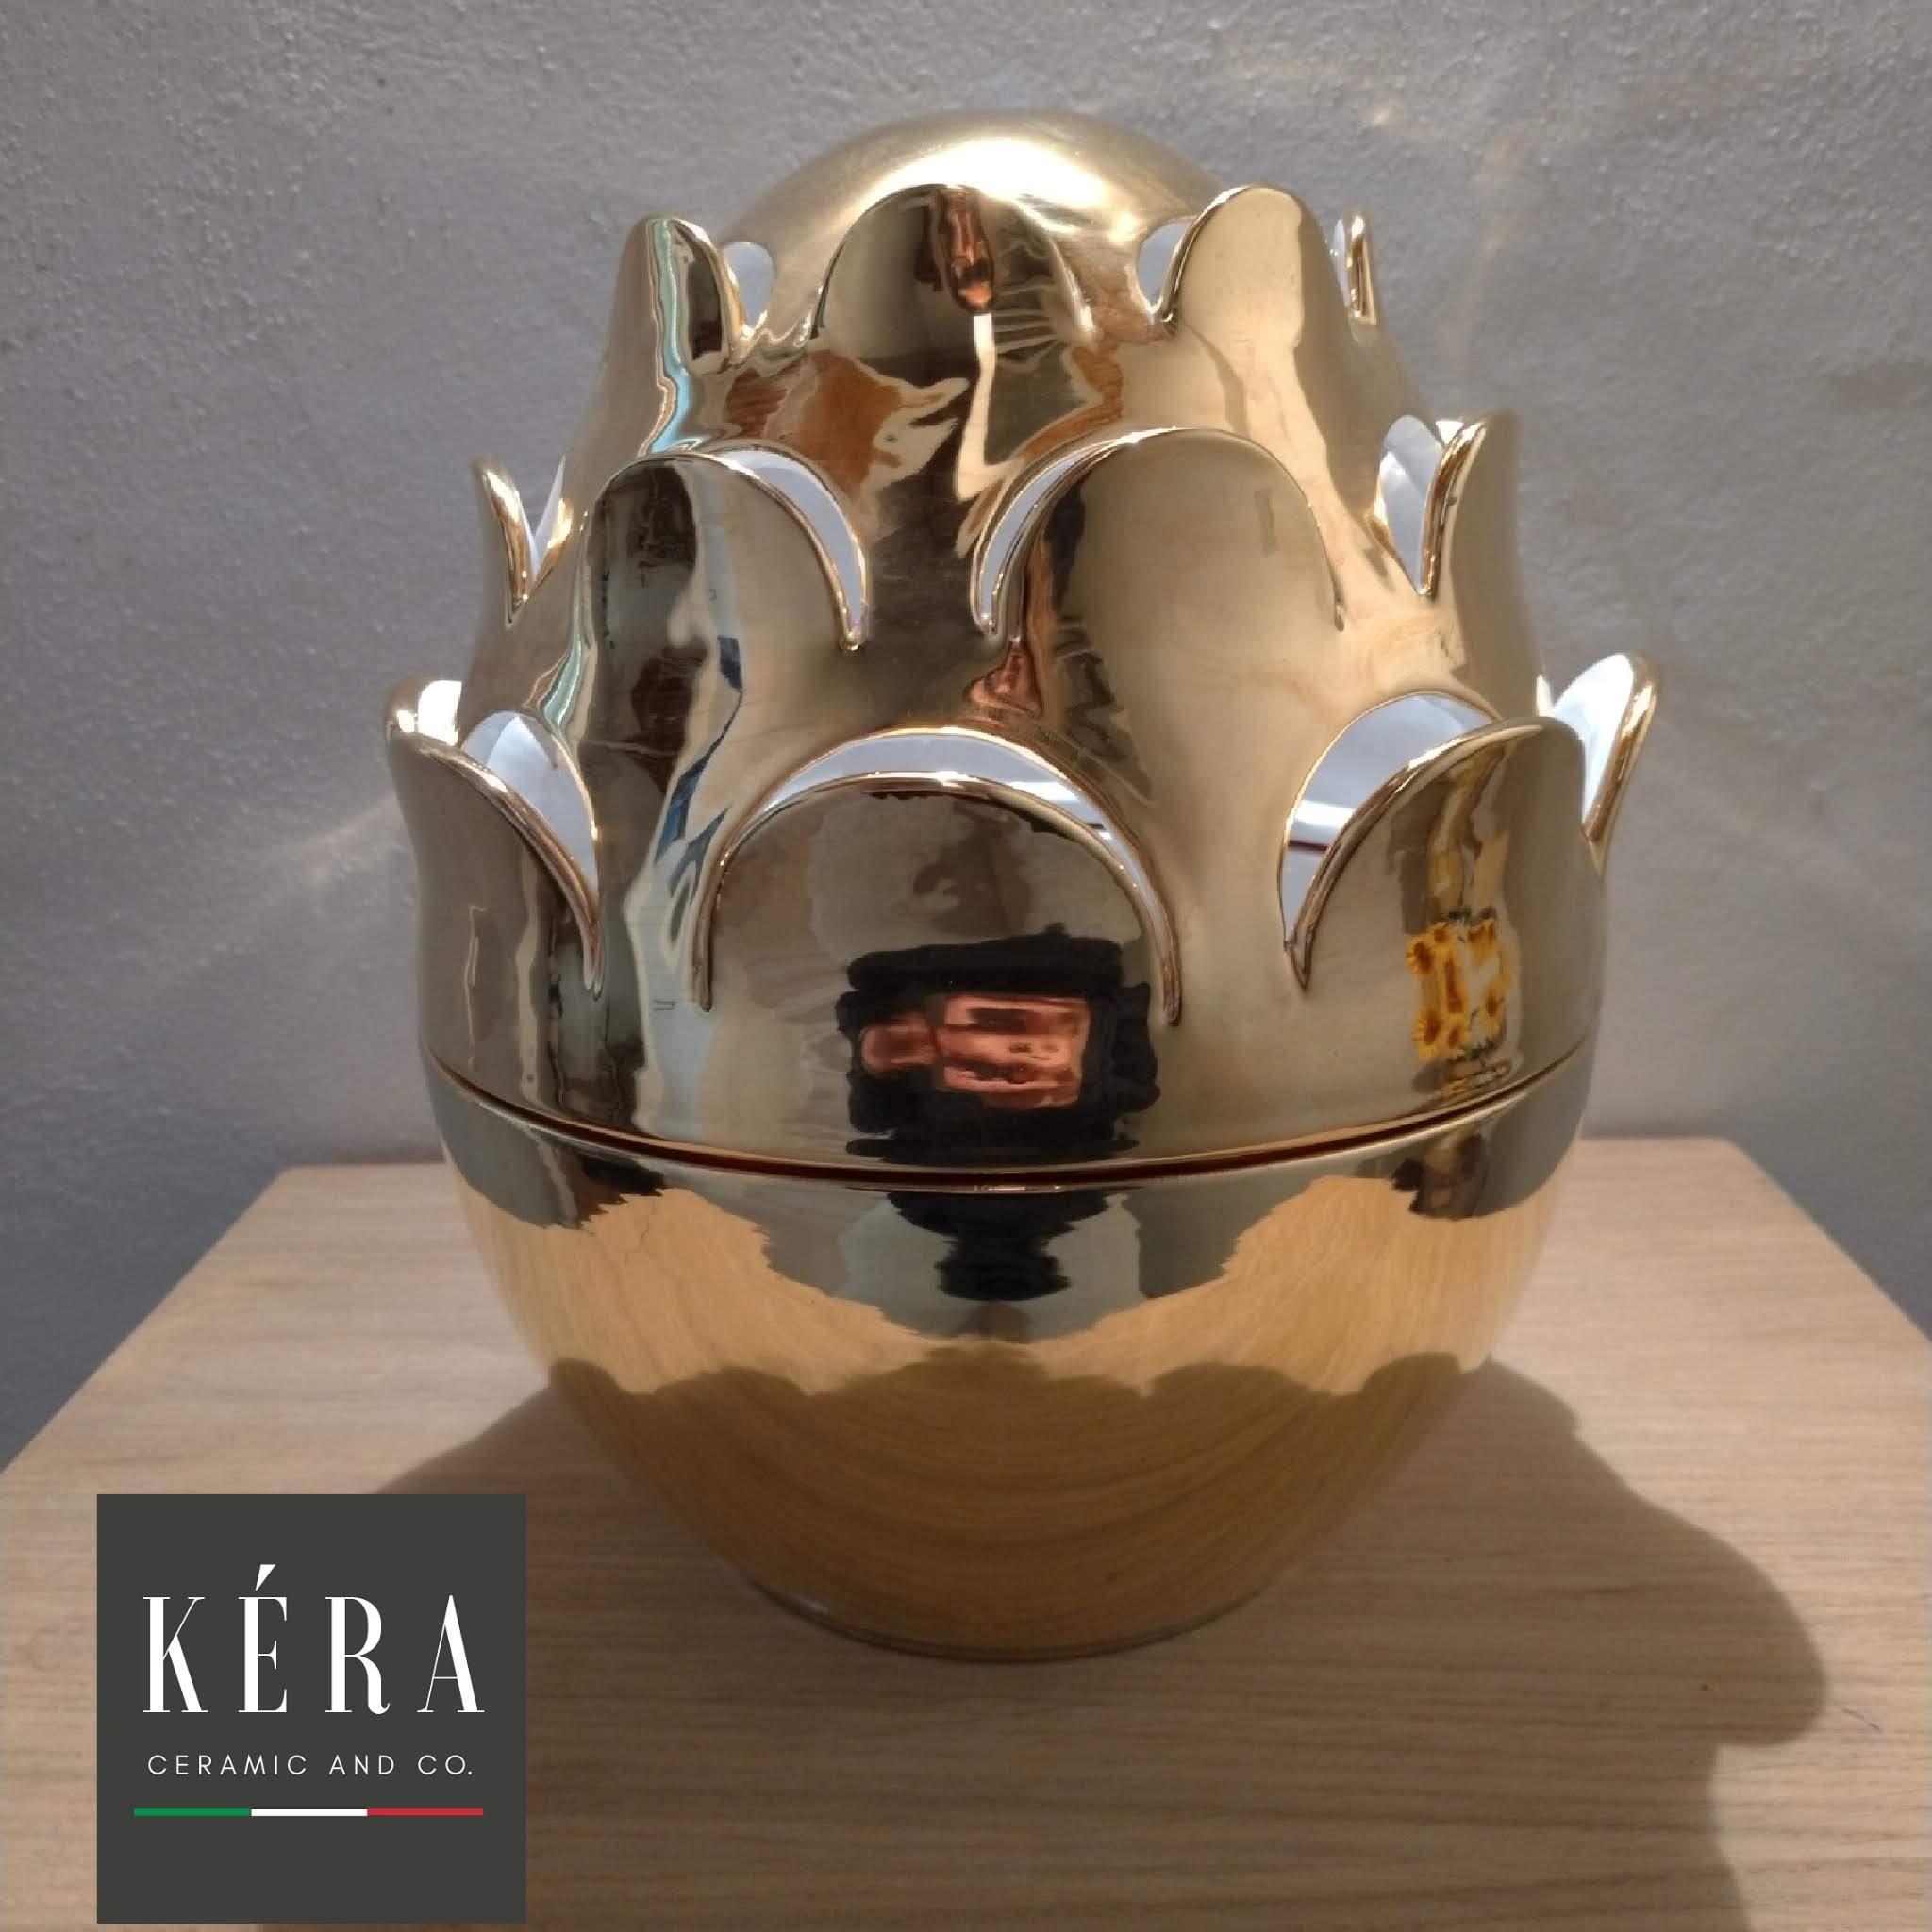 Lampada shiny / Shiny lamp – luxury edition